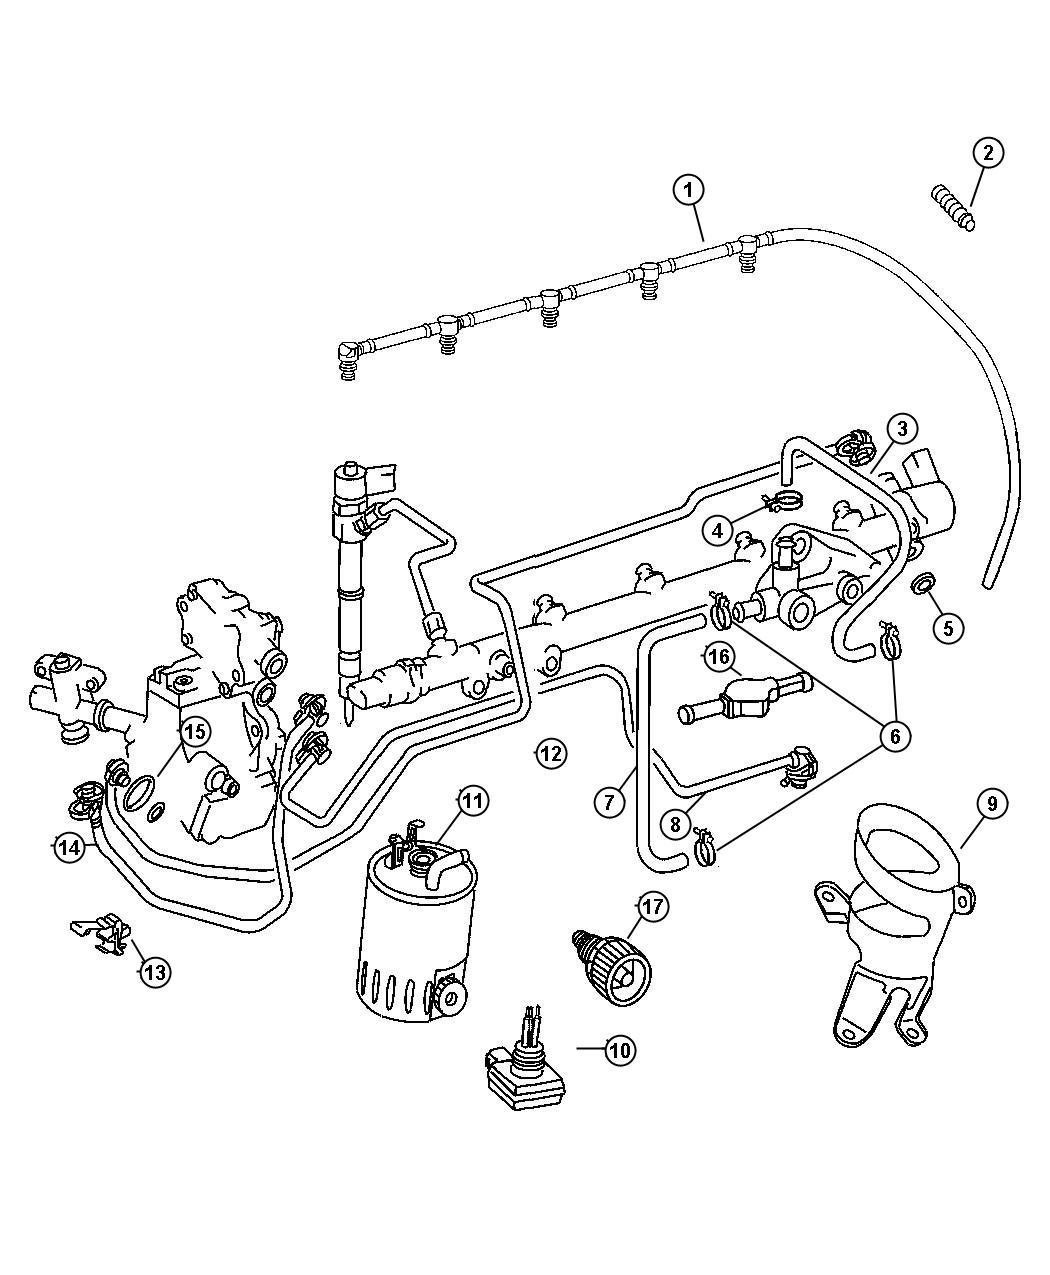 Dodge Sprinter 2500 Fuel Line And Filter